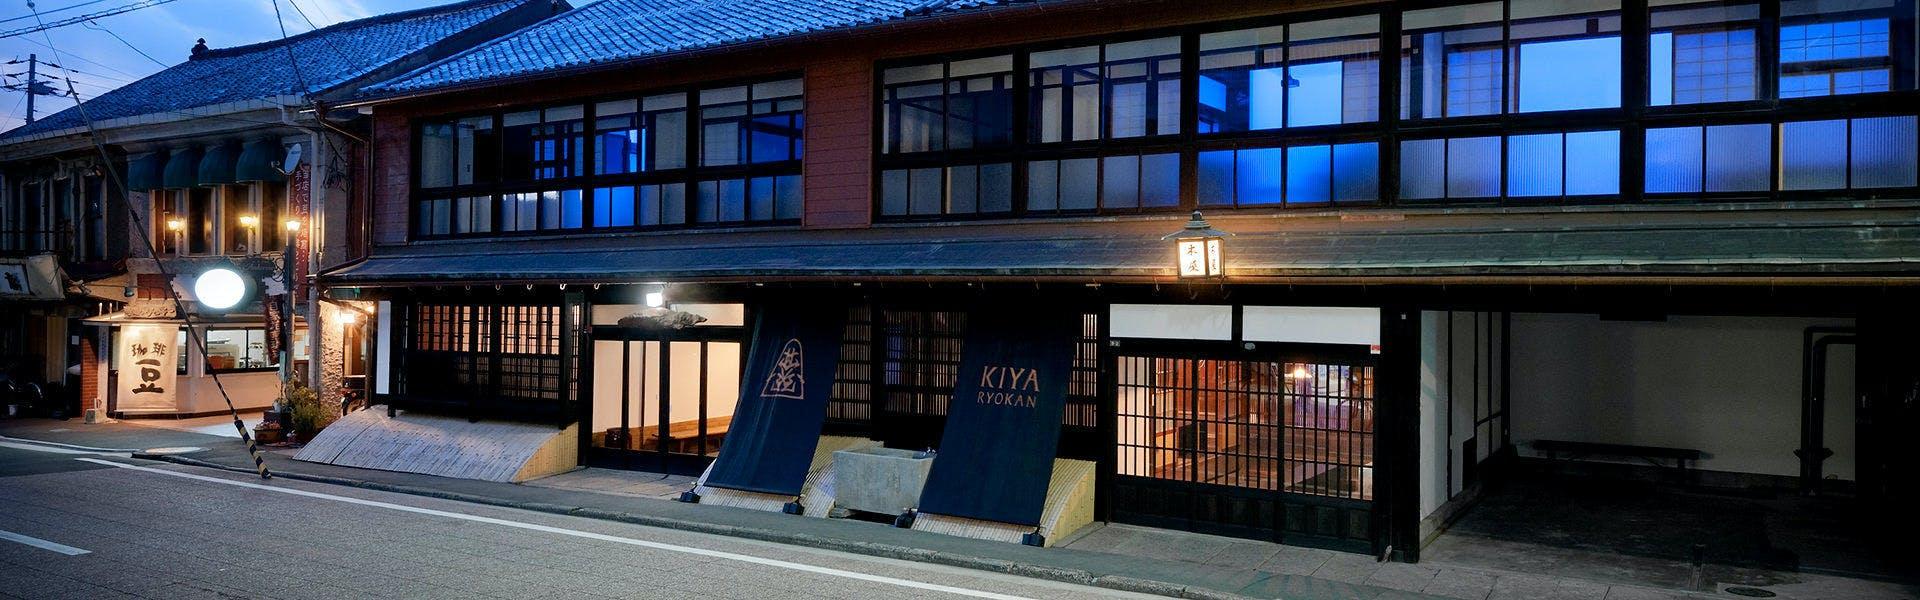 偉人たちに愛された伝説の旅館を再生